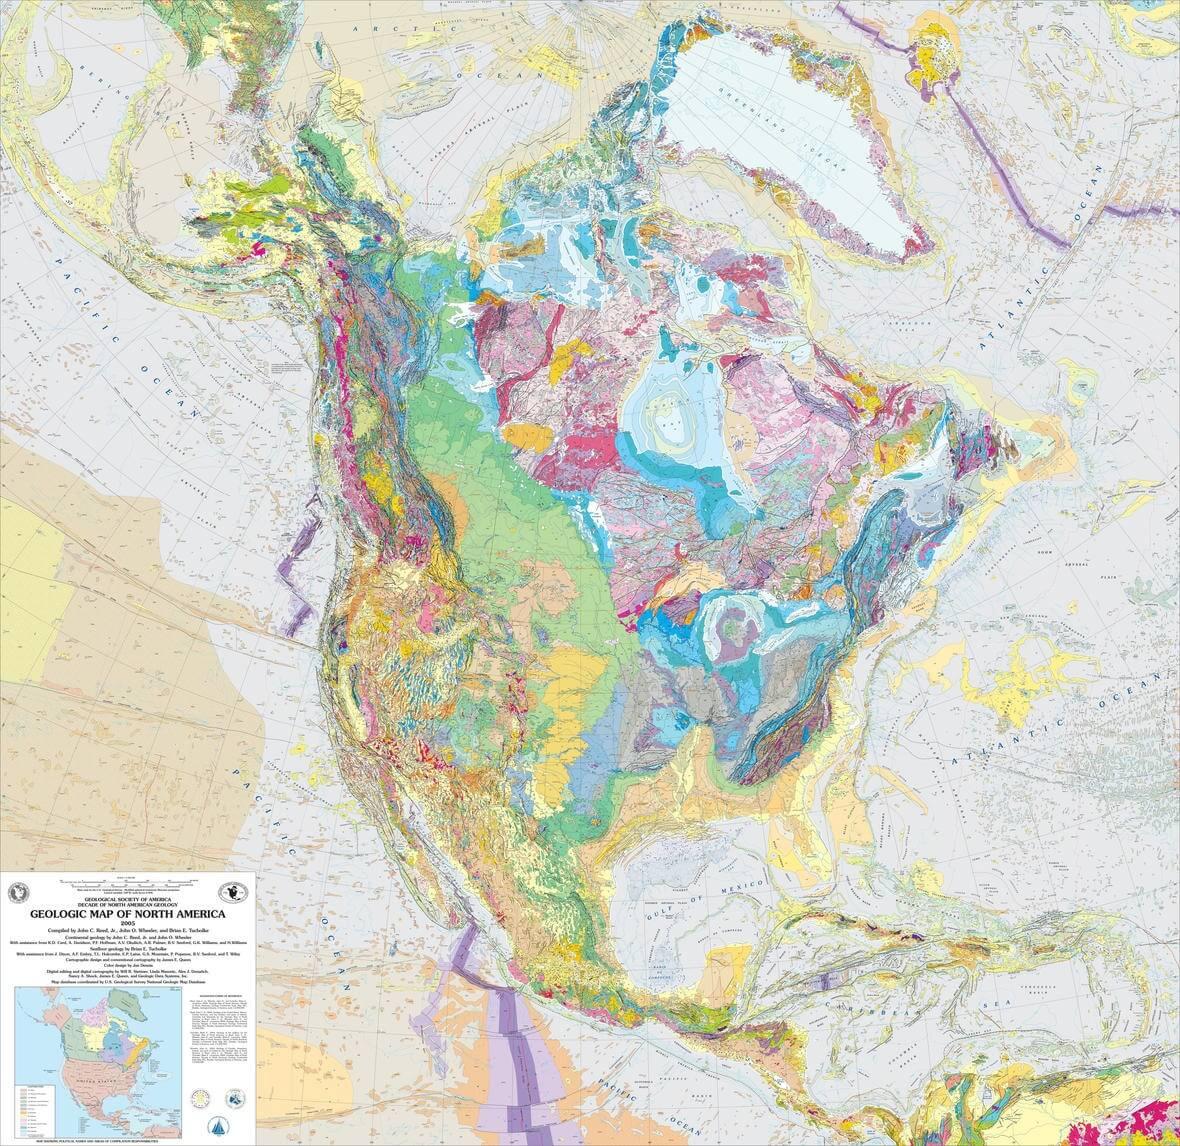 Kuzey Amerika Jeolojik Haritası